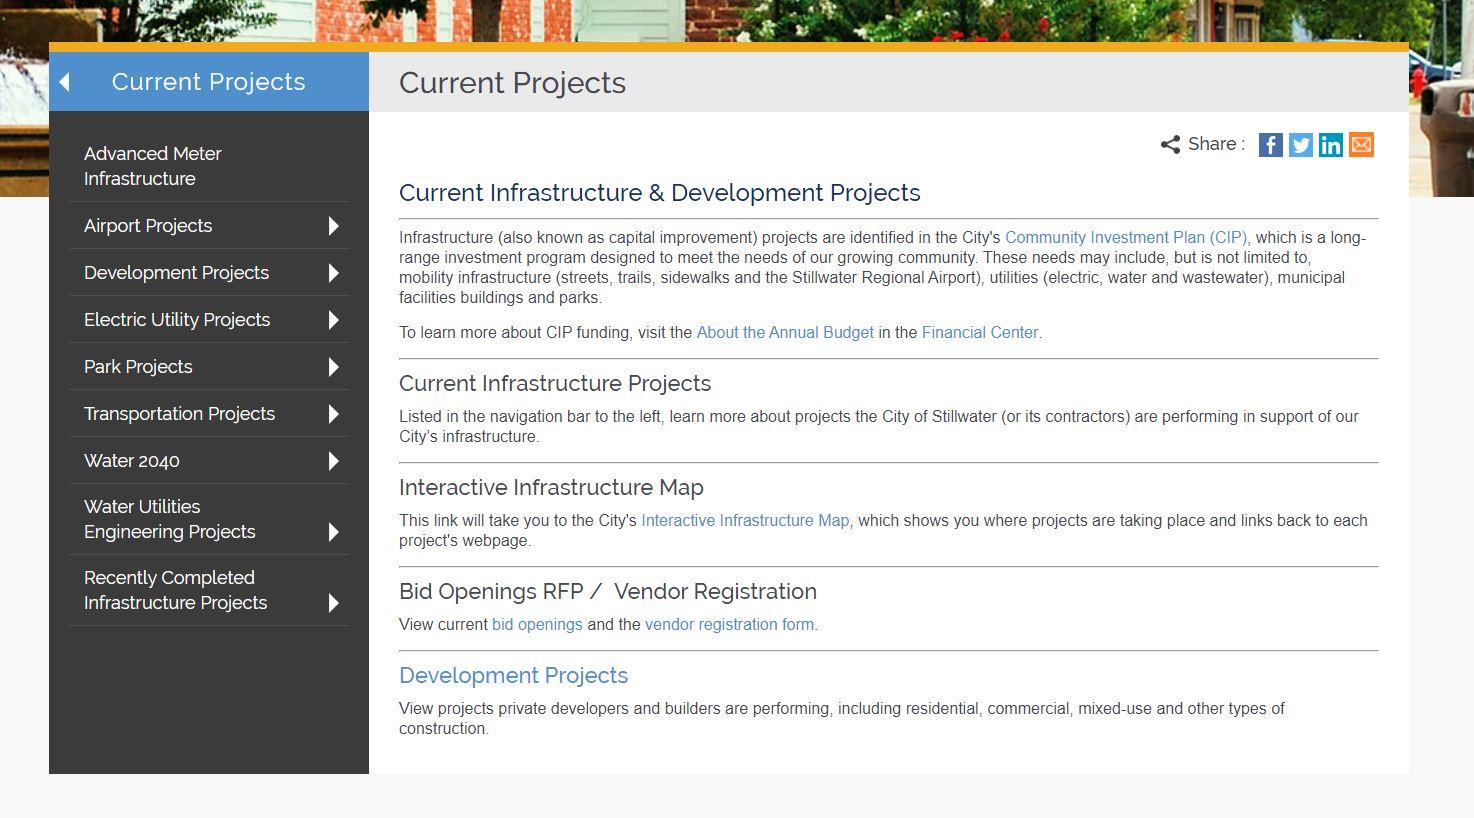 Current project screenshot